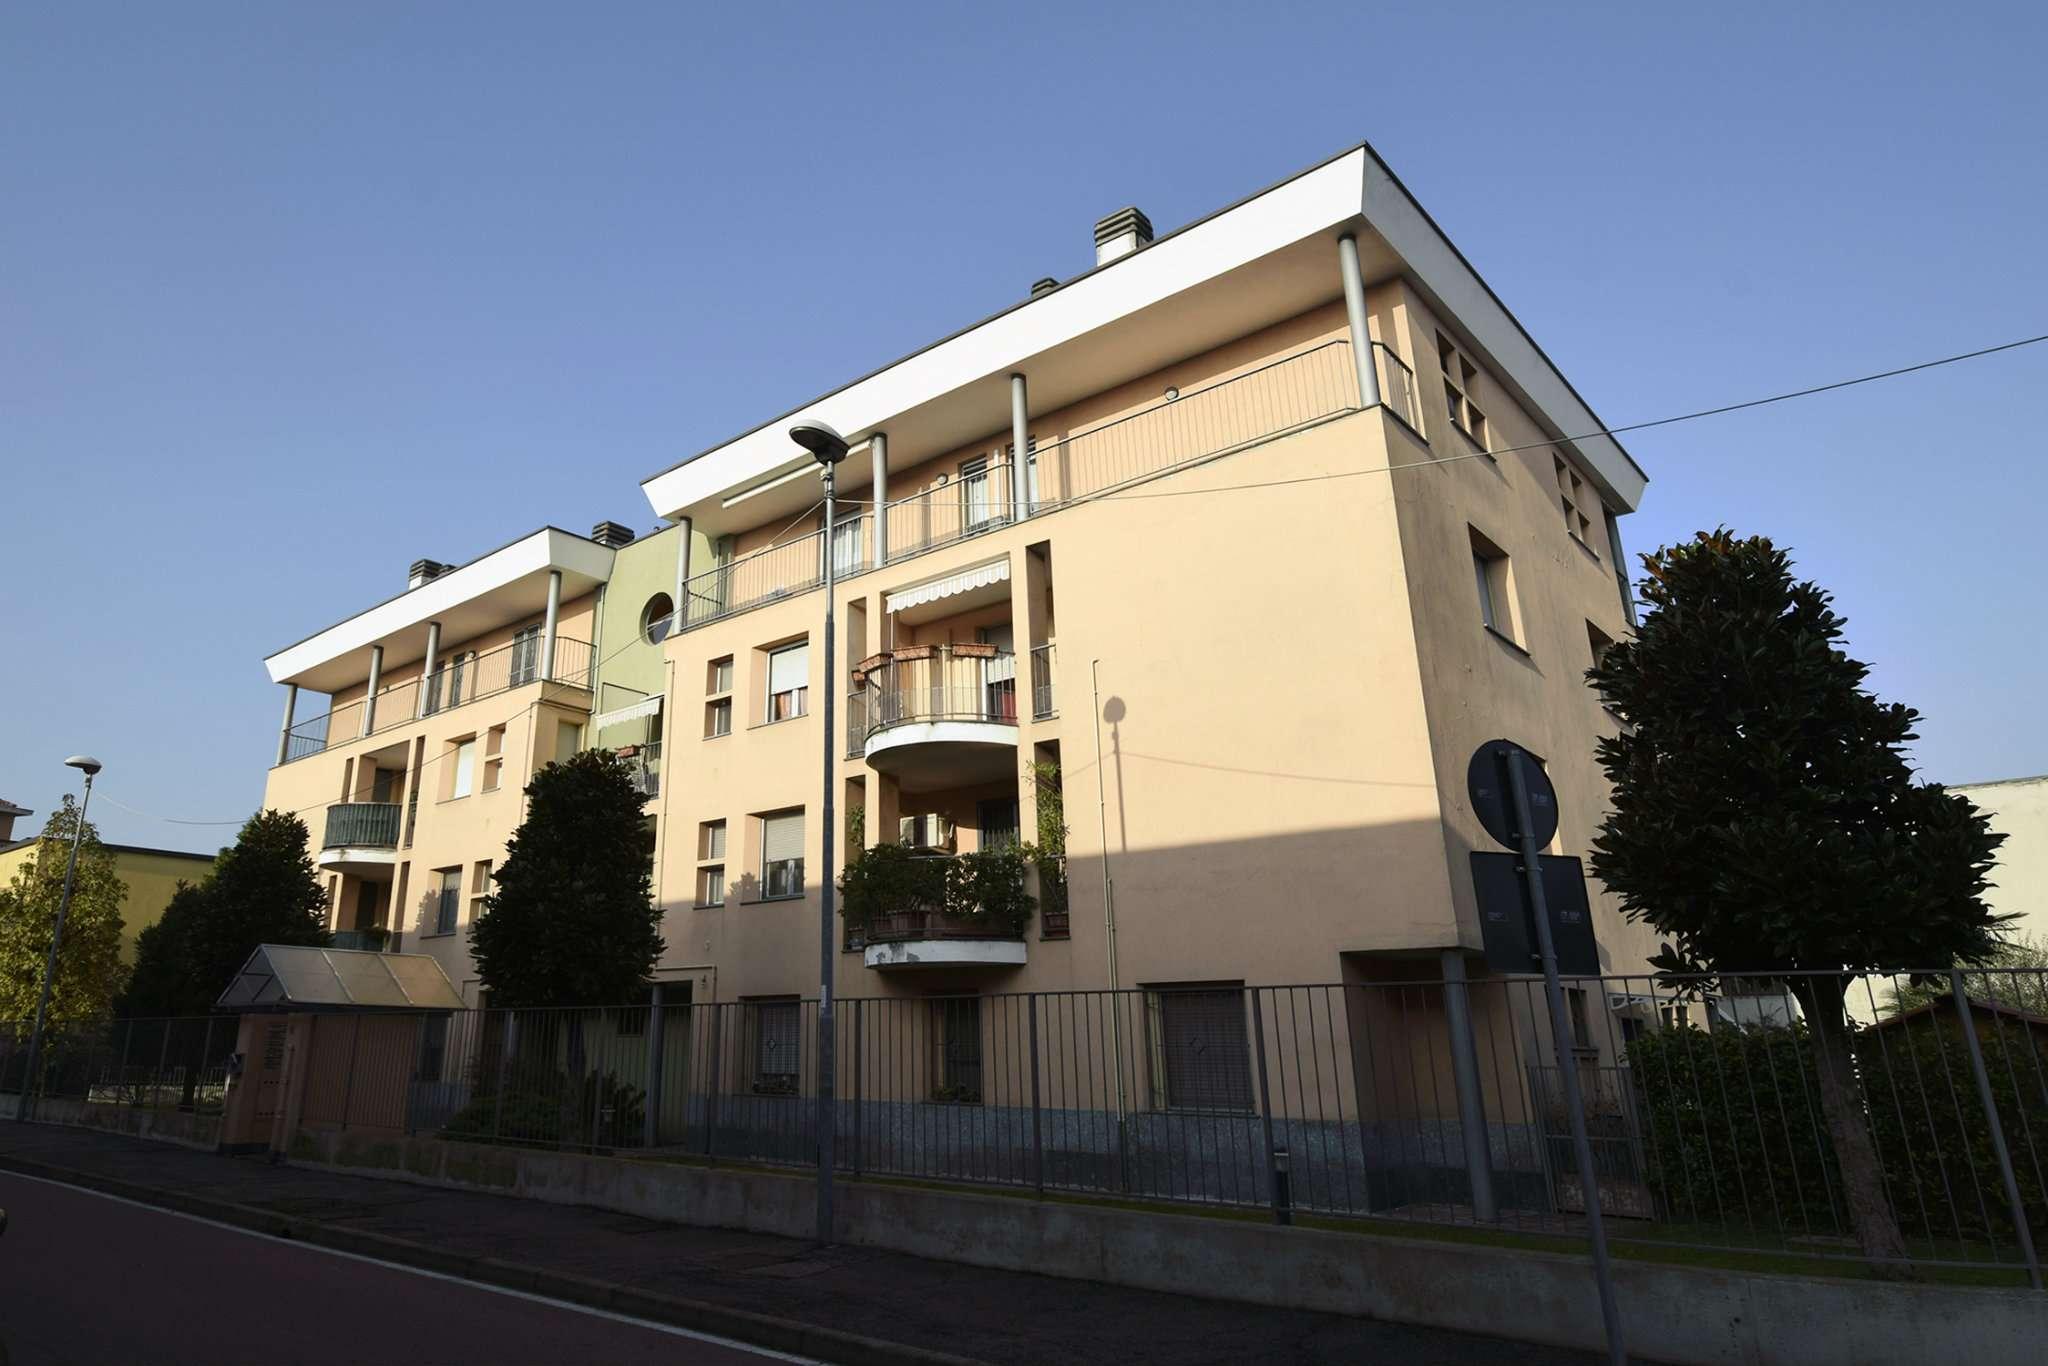 Attico / Mansarda in vendita a Rozzano, 4 locali, prezzo € 250.000 | CambioCasa.it